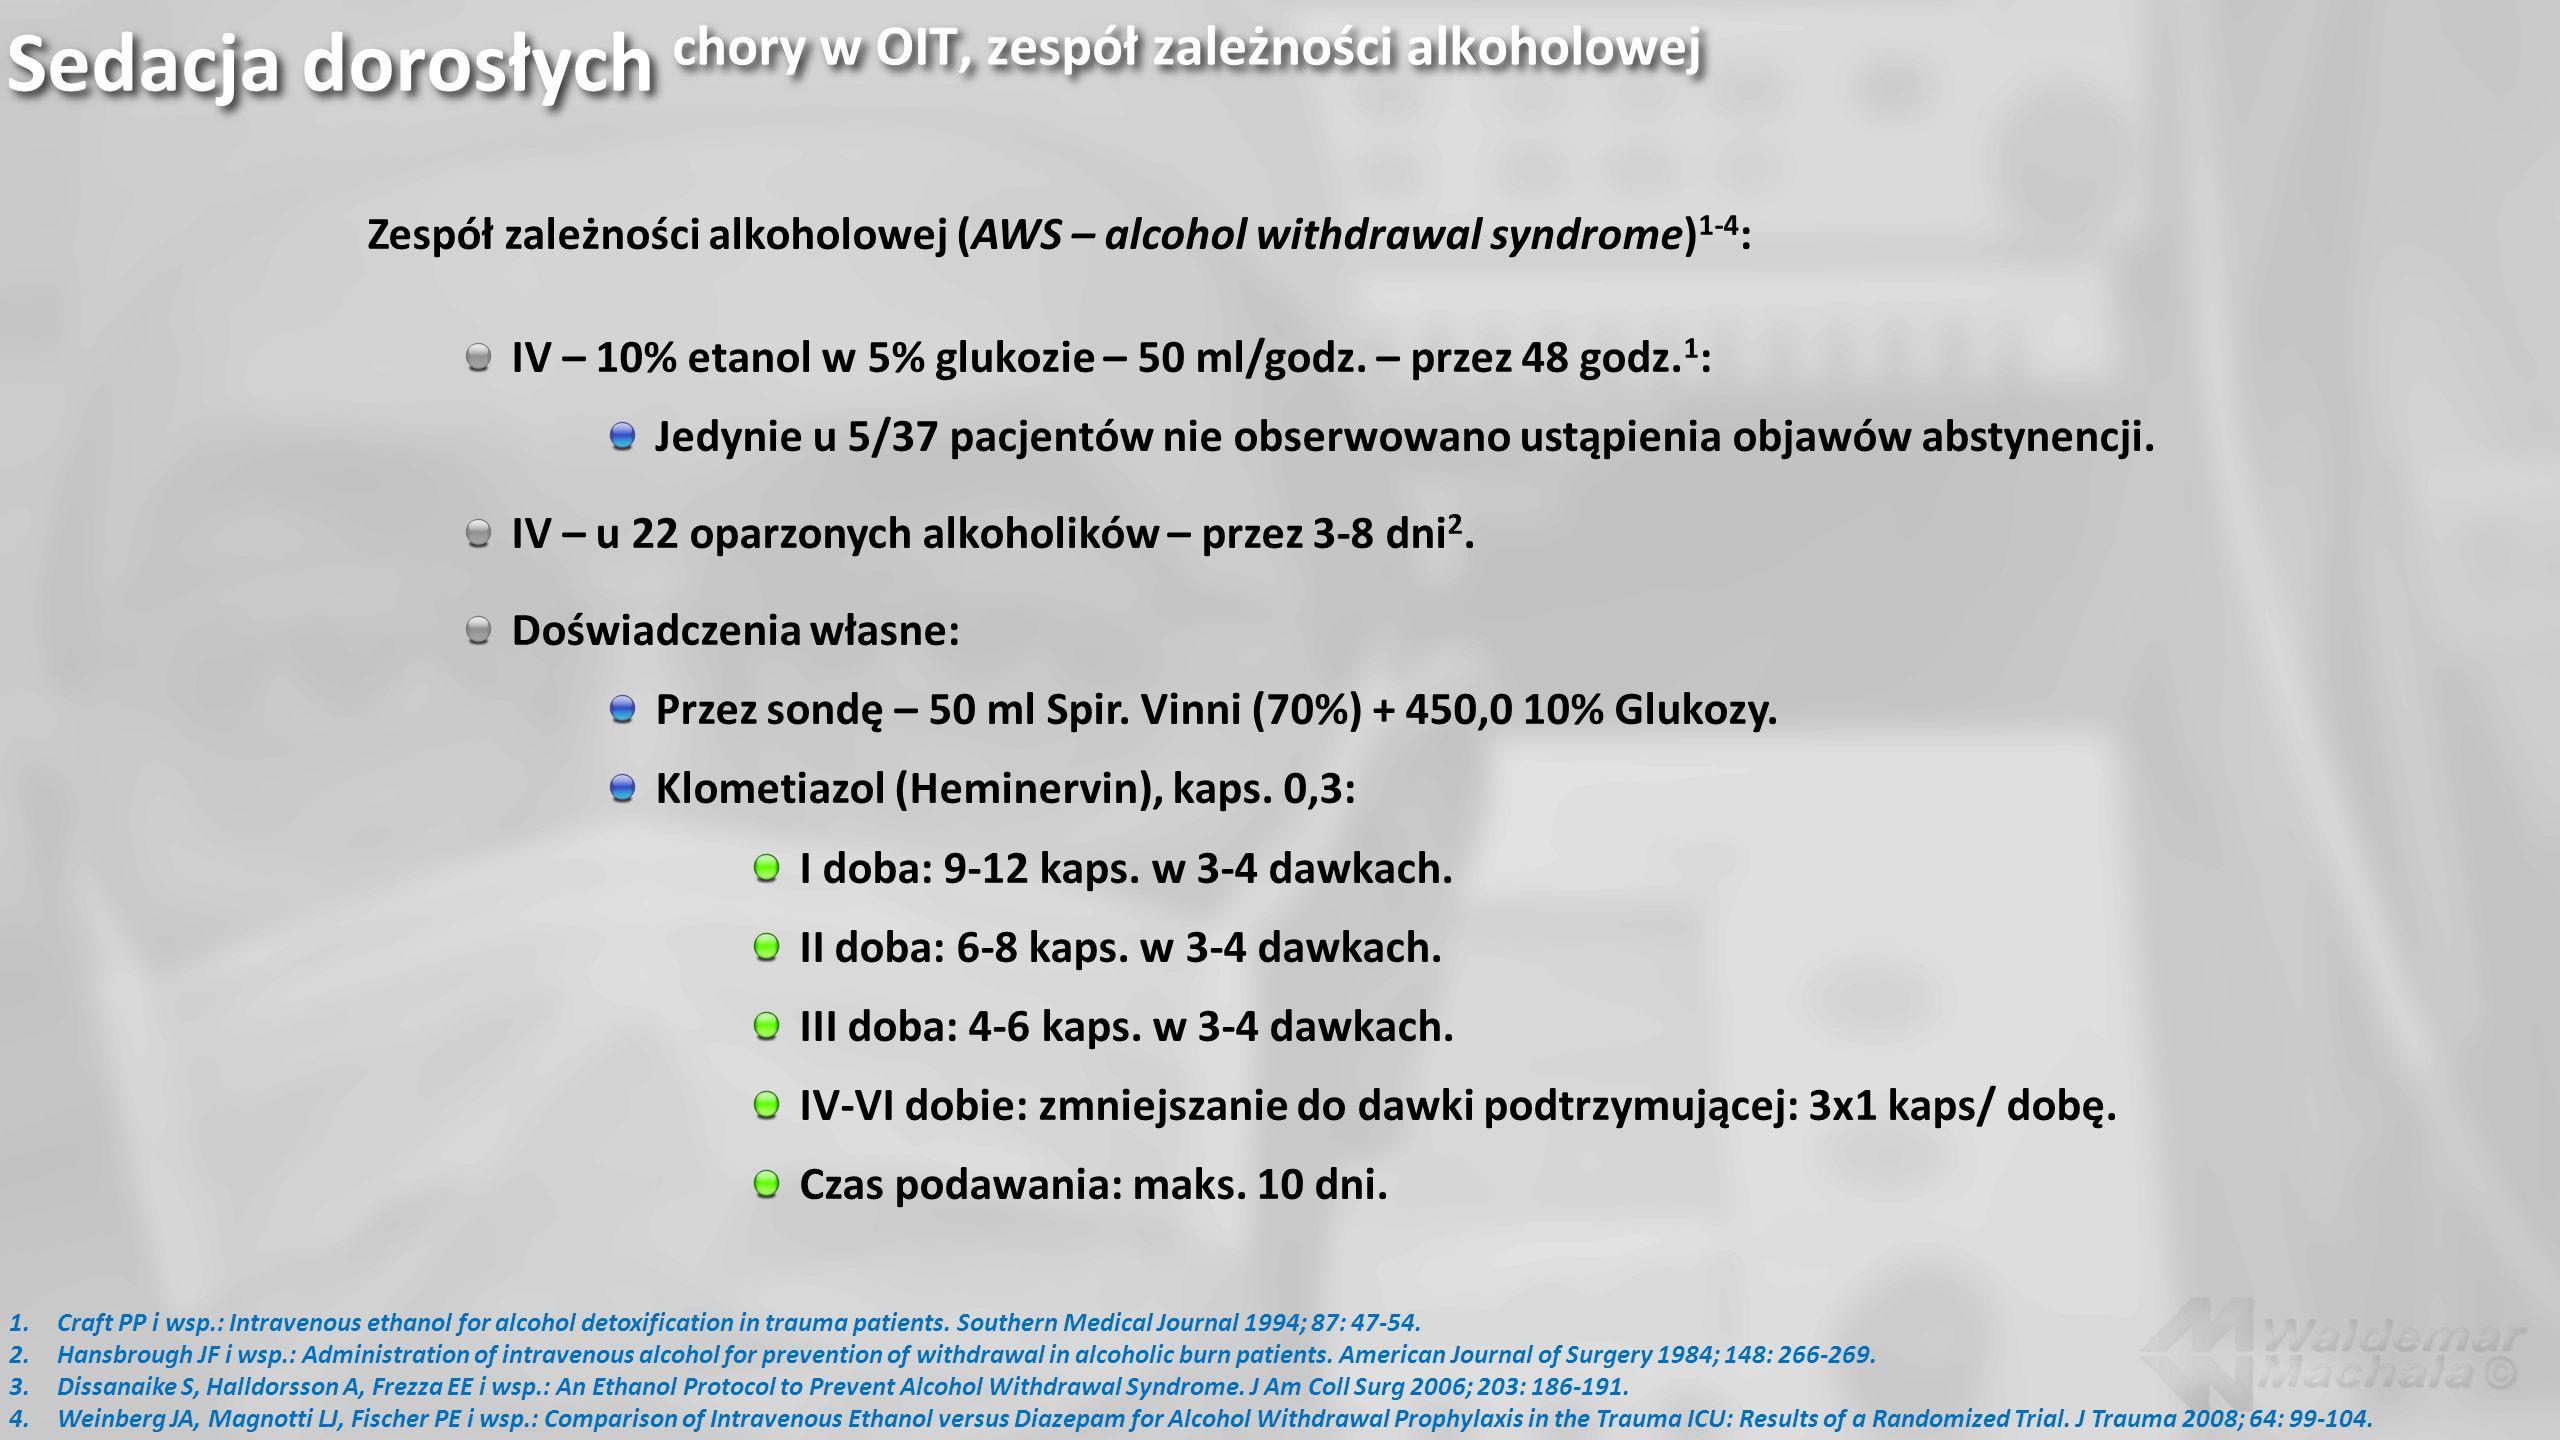 Sedacja dorosłych chory w OIT, zespół zależności alkoholowej